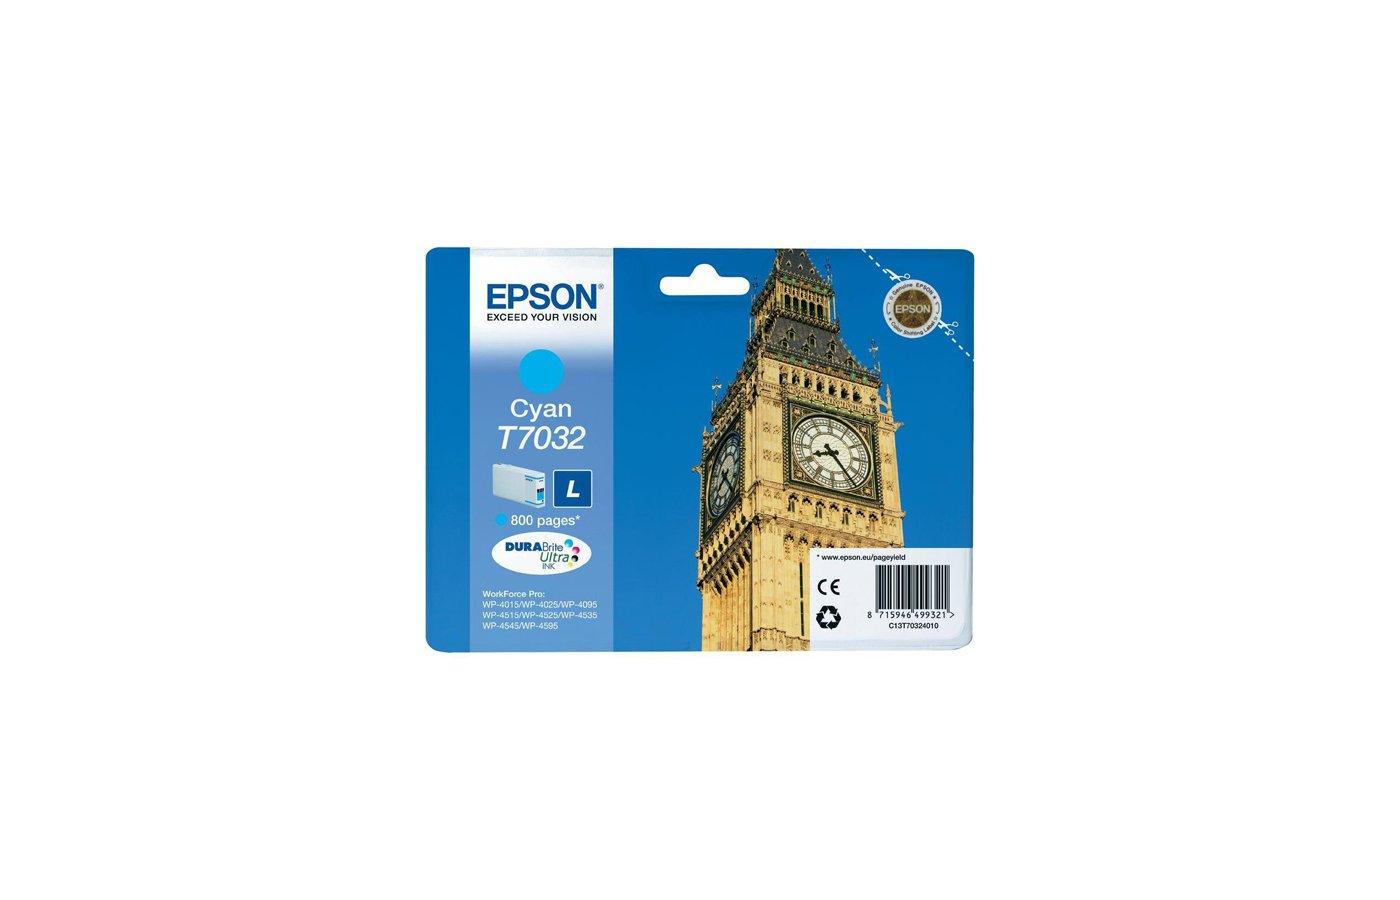 Картридж струйный Epson C13T70324010 картридж (Cyan для WP-4000/5000 series,L 0.8k (голубой))